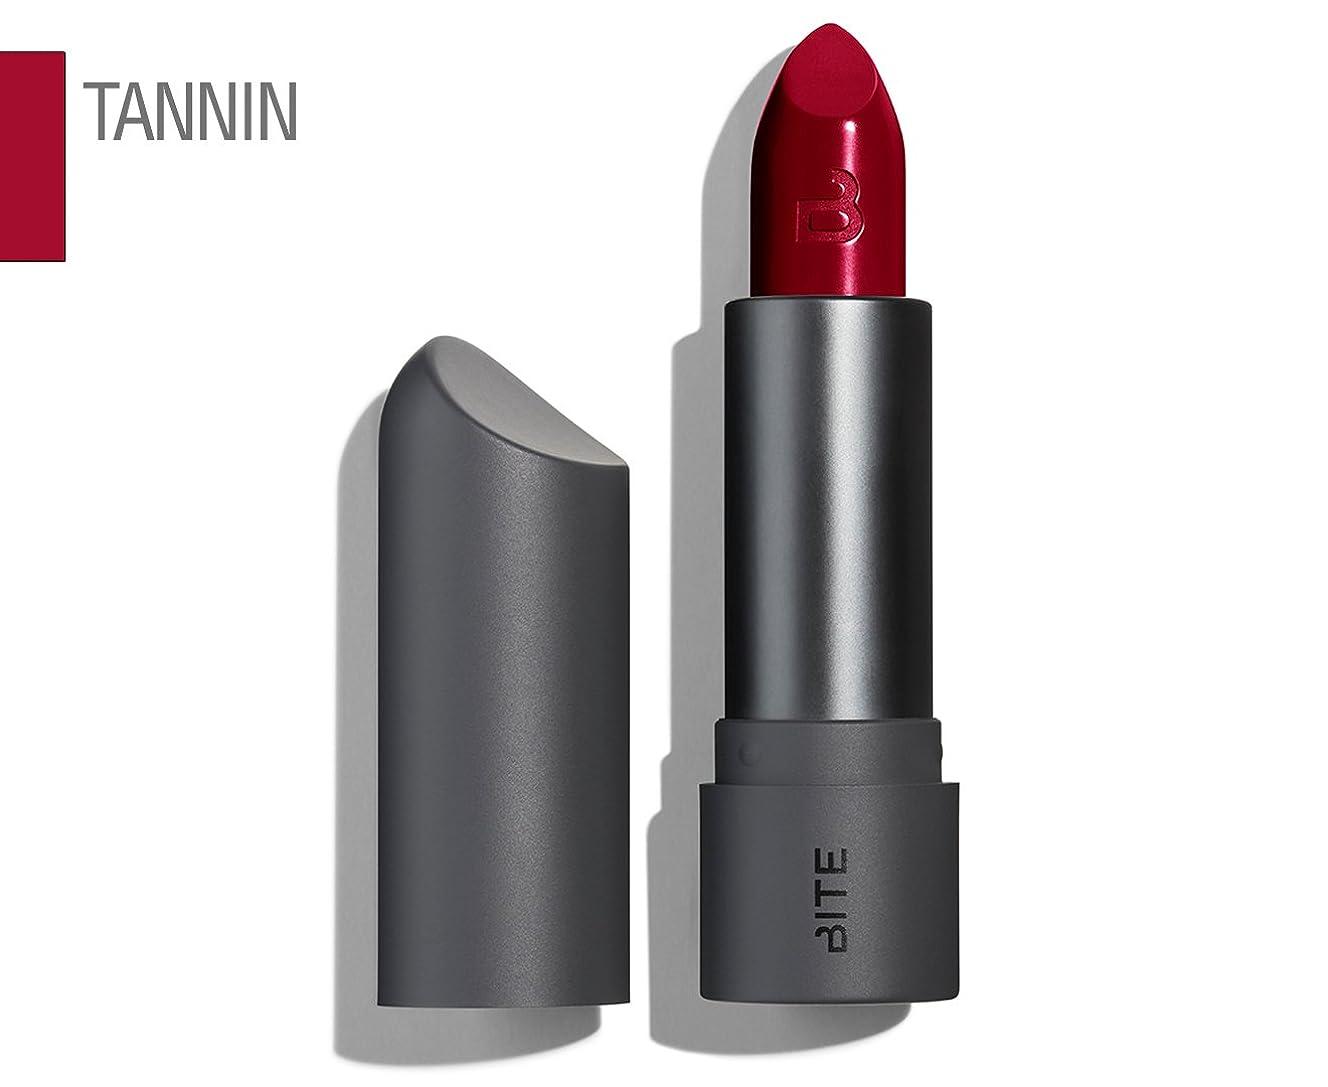 ほぼコスチューム可聴Bite Beauty Amuse Bouche Lipstick - Tannin